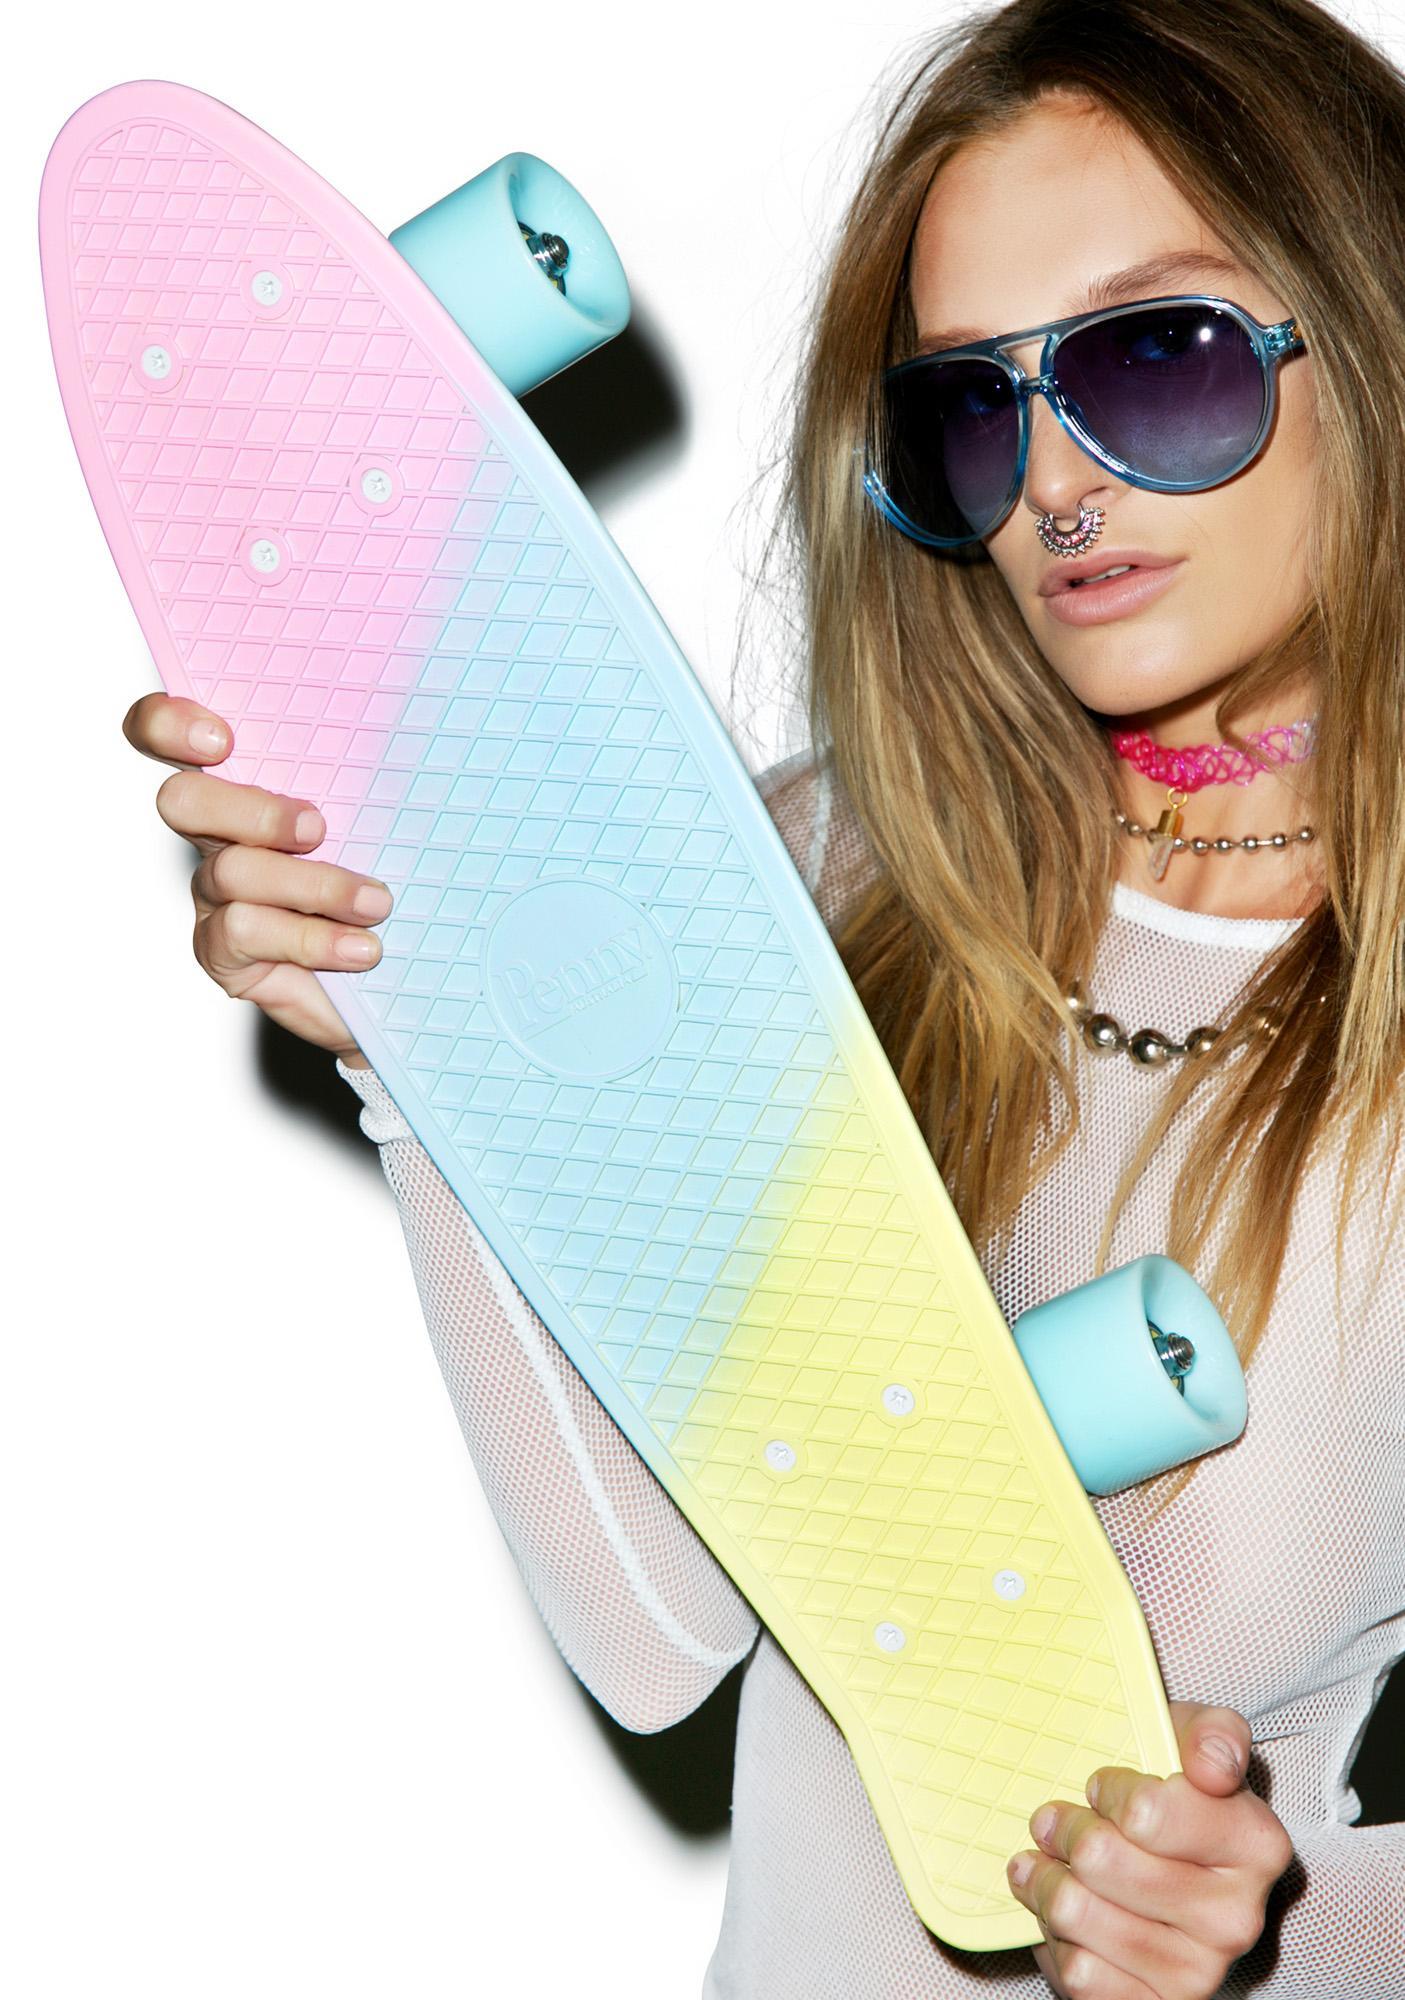 Penny Skateboards Candy Painted Penny Skateboard